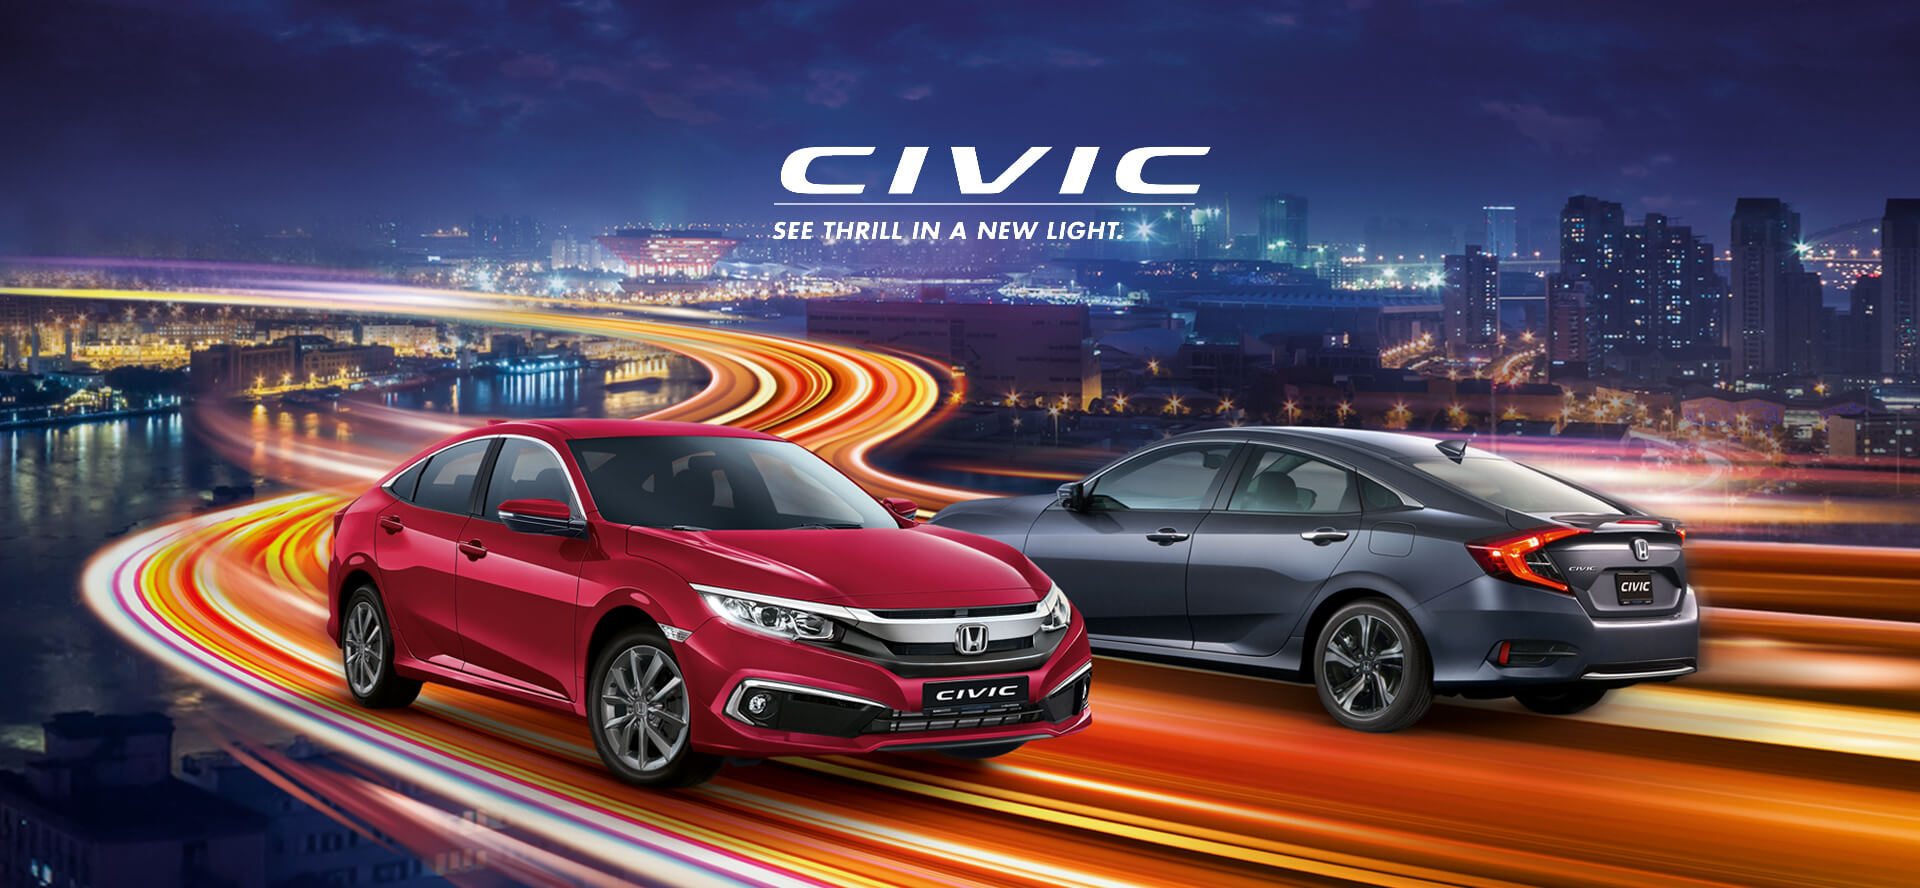 Civic_Revised_KV Honda Civic